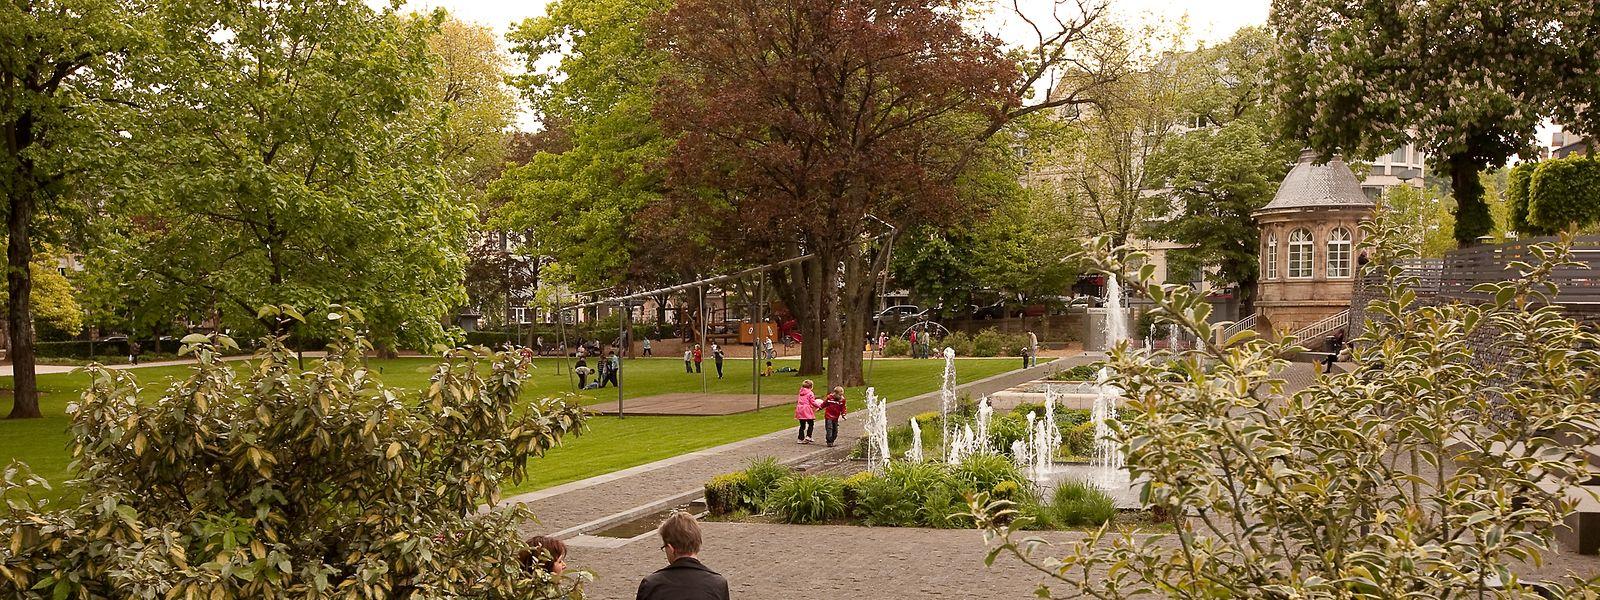 Der Park Gerlache in Differdingen scheint tagsüber freundlich und friedlich.